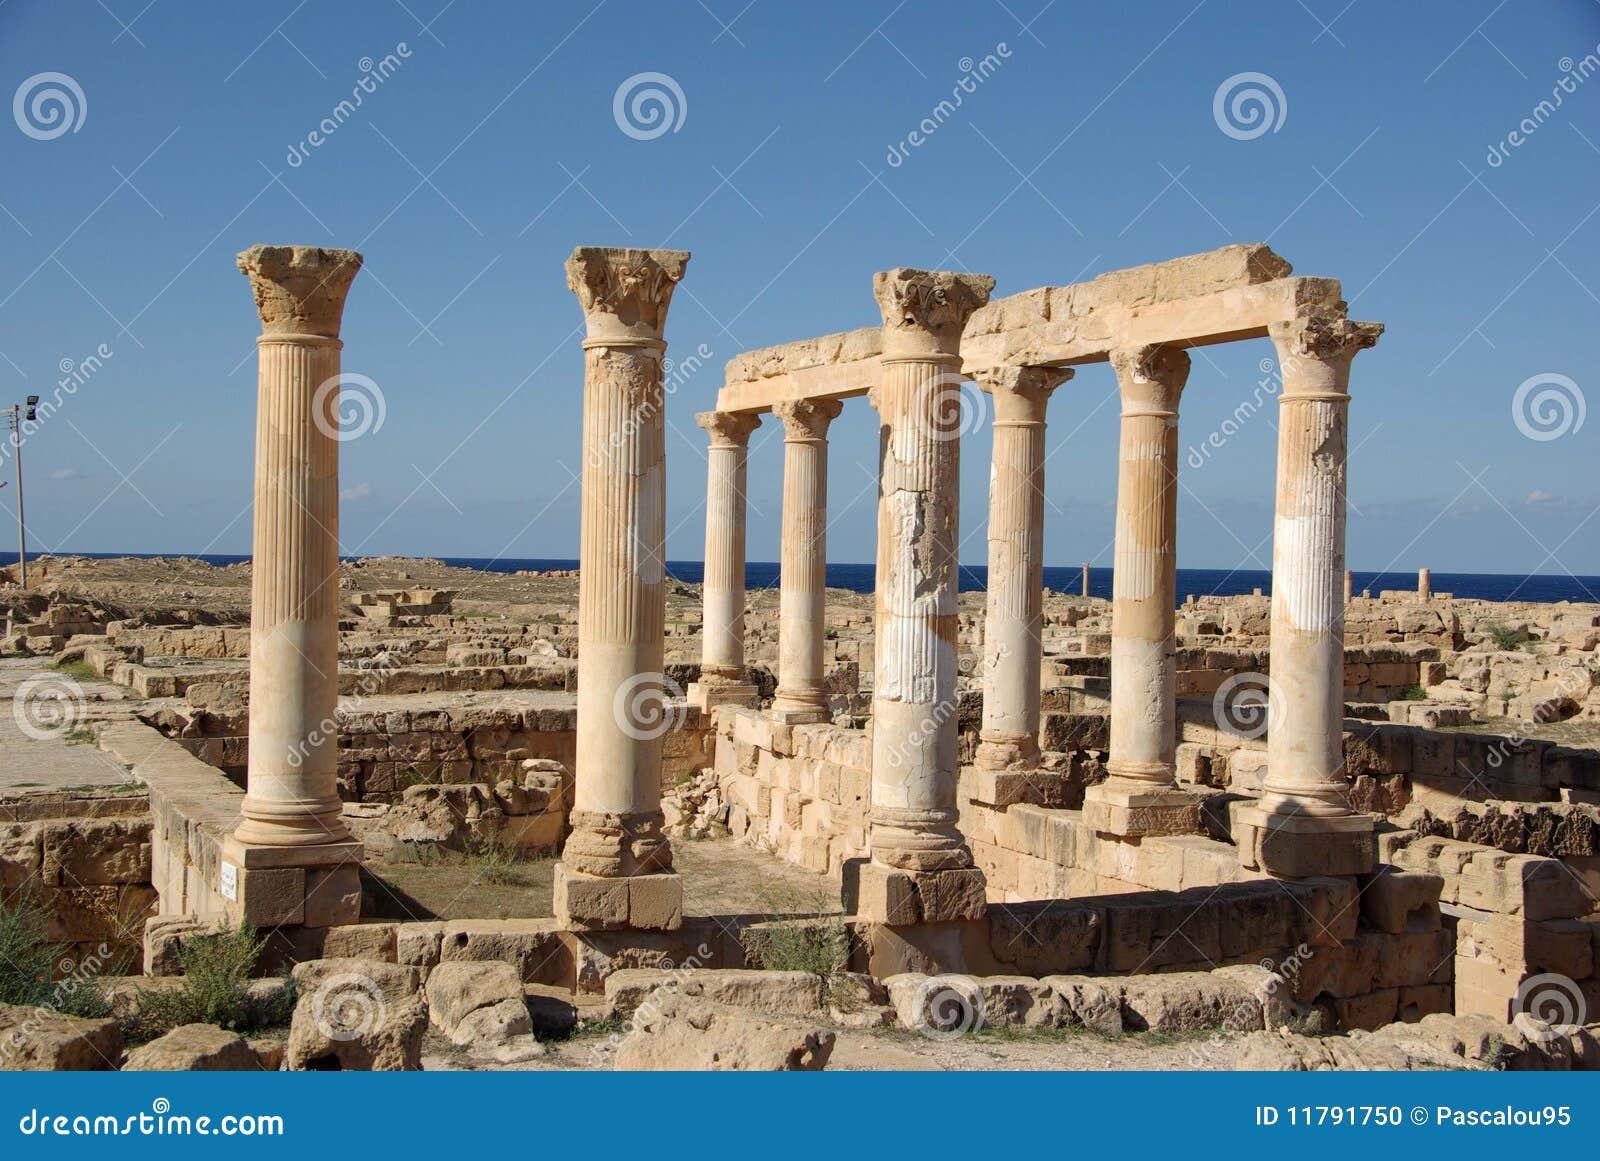 Roman Ruins Of Sabratha, Libya Stock Photo - Image: 11791750